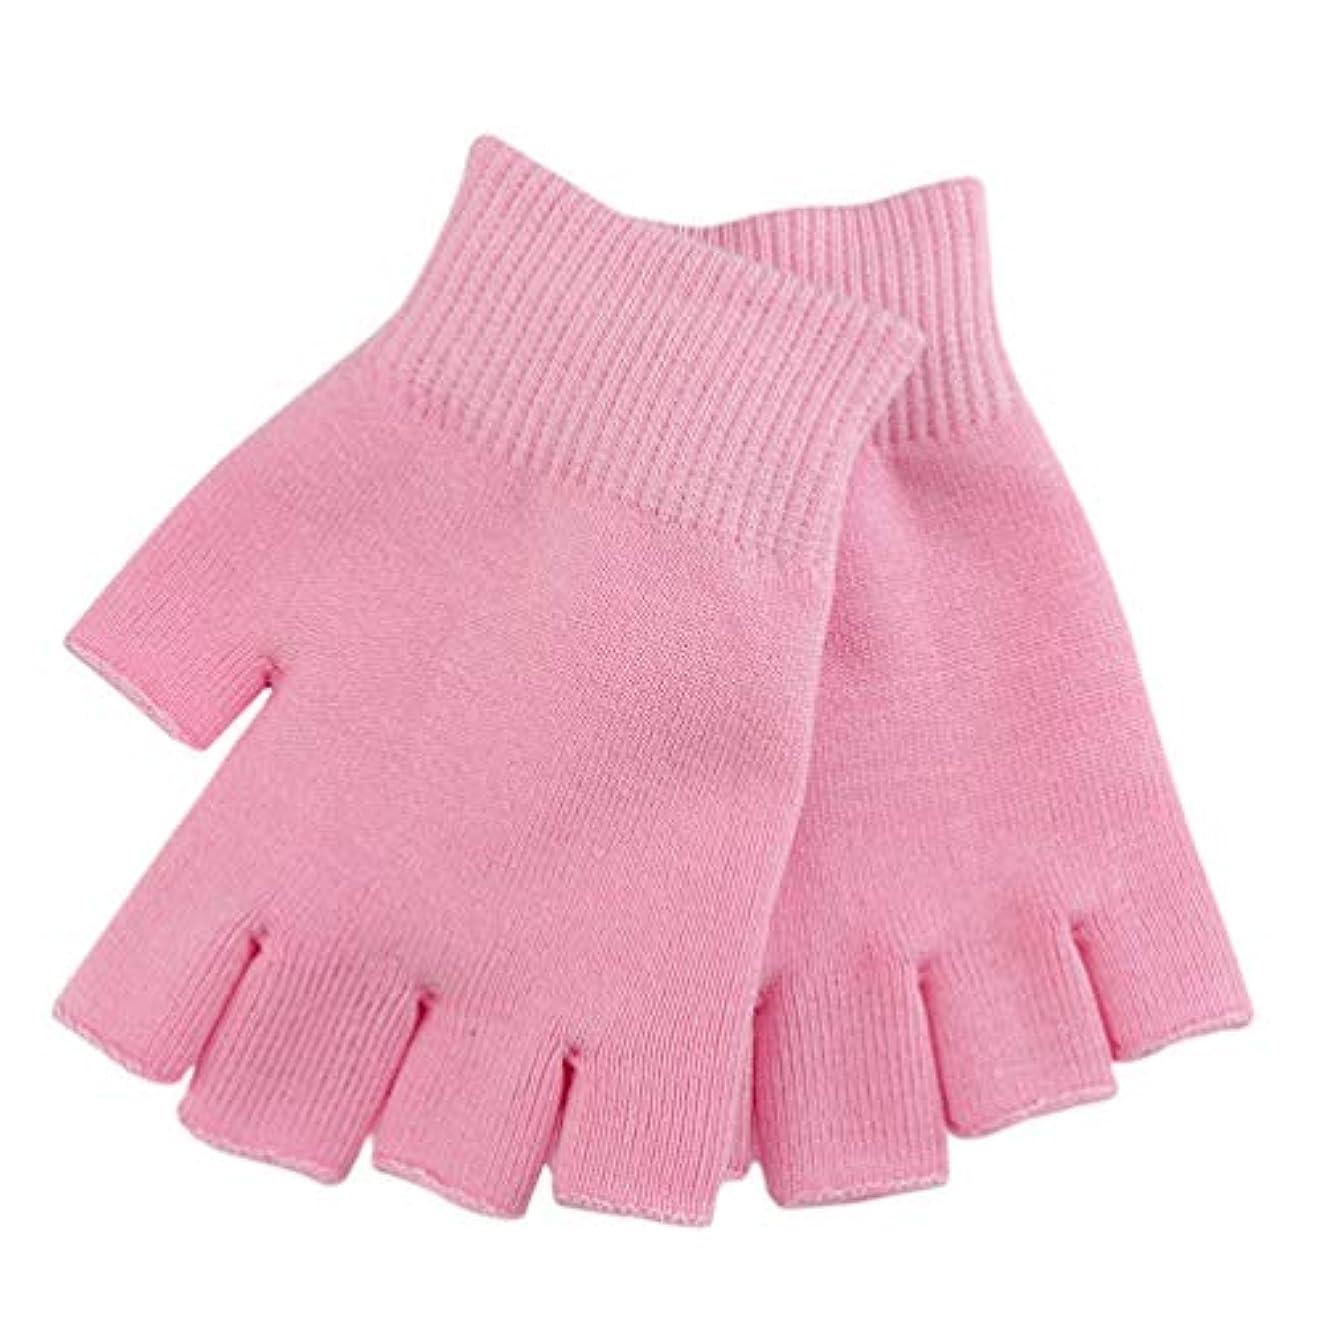 相関する湖版Healifty 保湿スパ手袋治癒のための半分の指のタッチスクリーン手袋綿ゲルライン精油水分指なしミトンに乾燥肌ひび割れ手(ピンク)